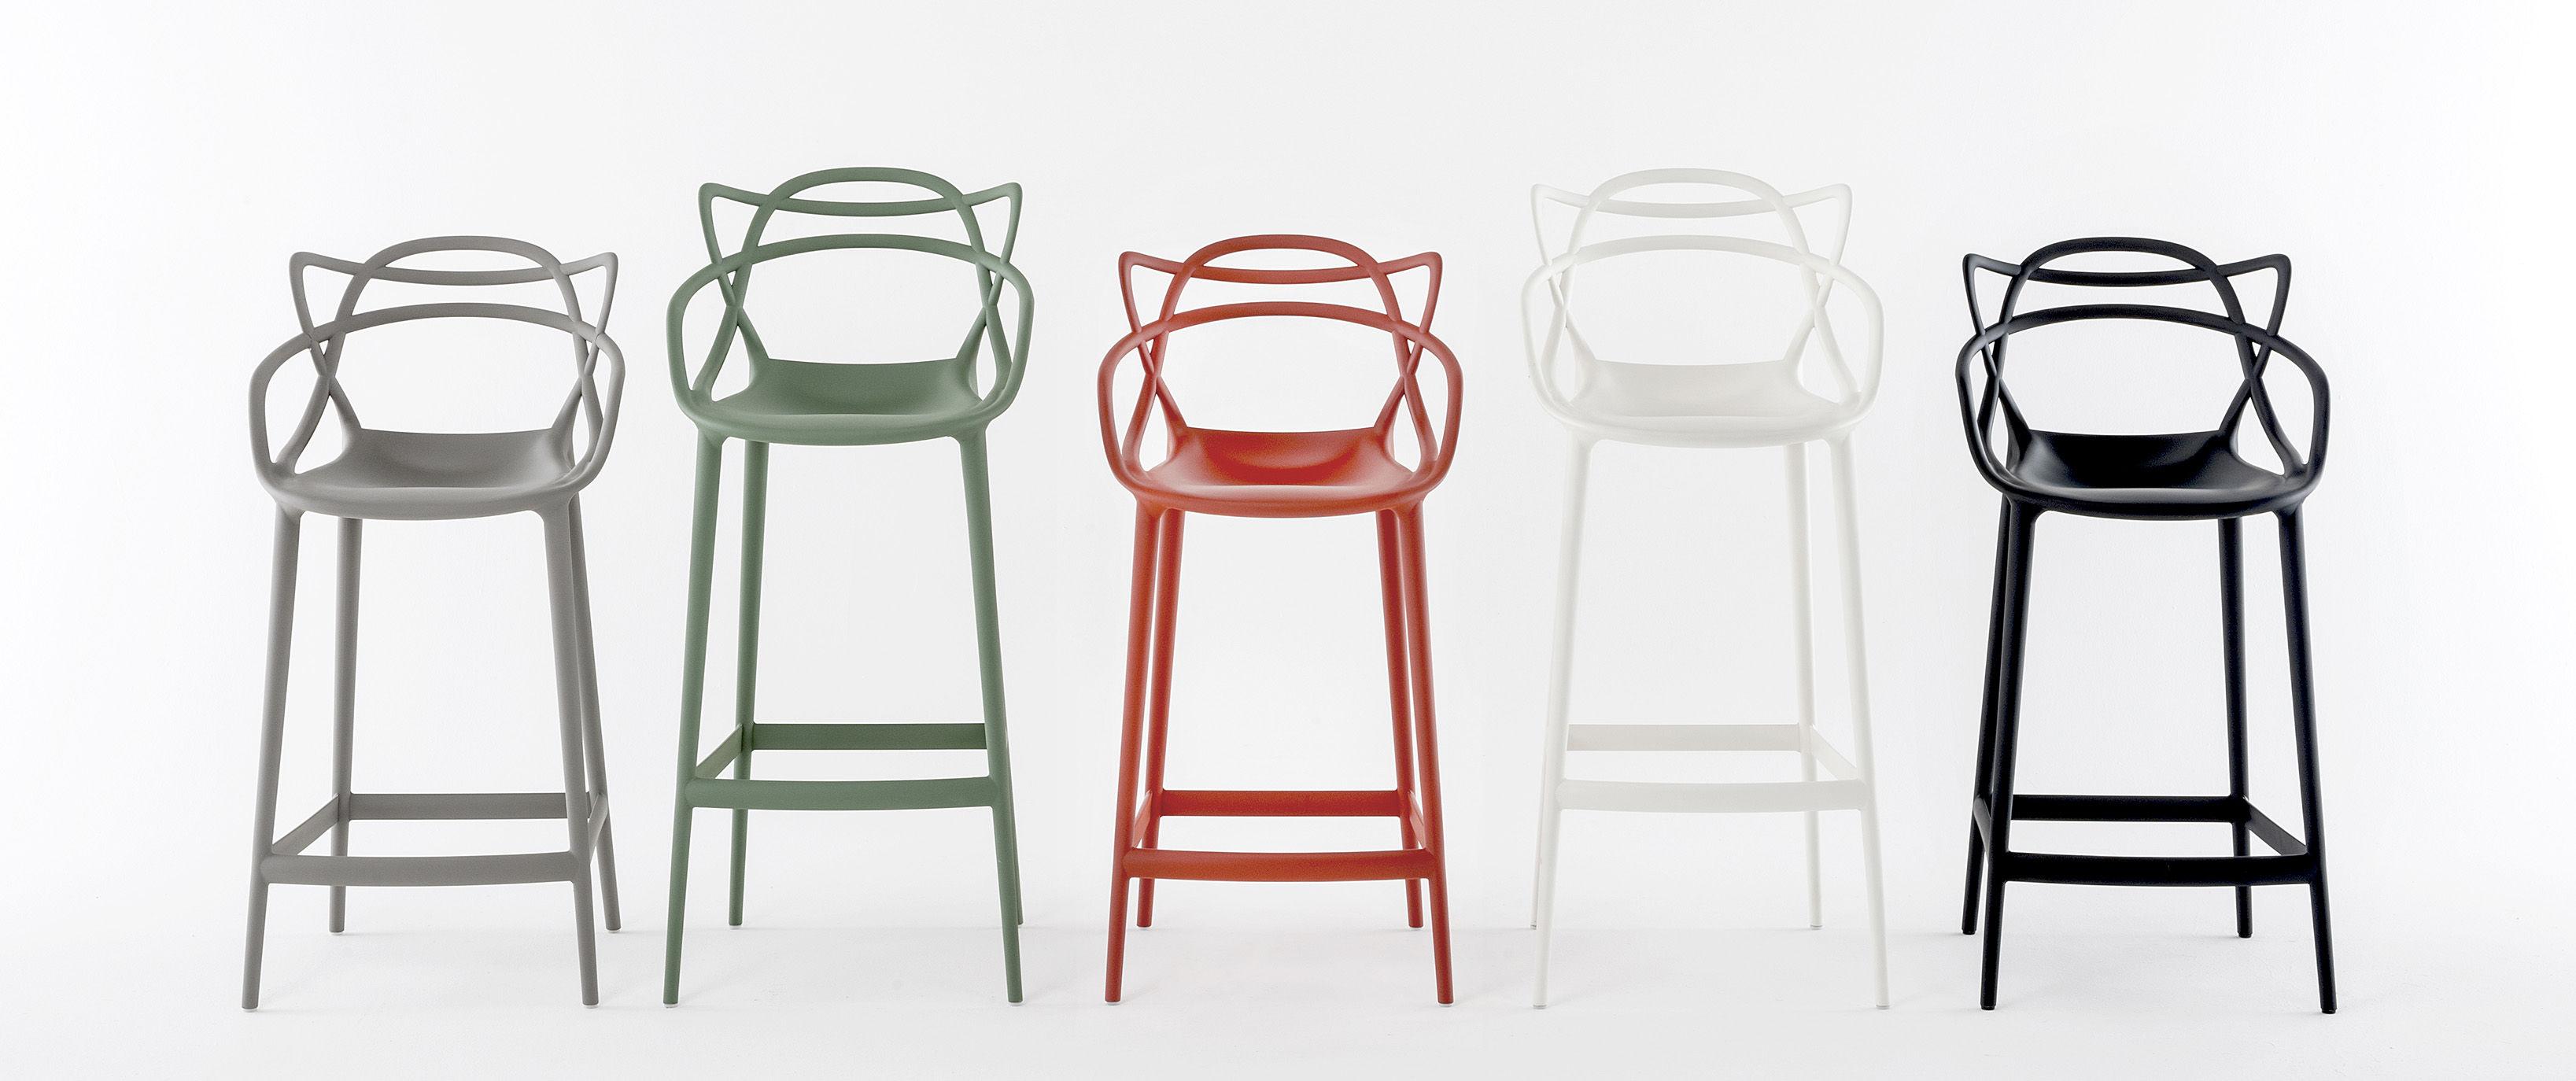 tabouret masters kartell h 65 cm vert sauge made in. Black Bedroom Furniture Sets. Home Design Ideas